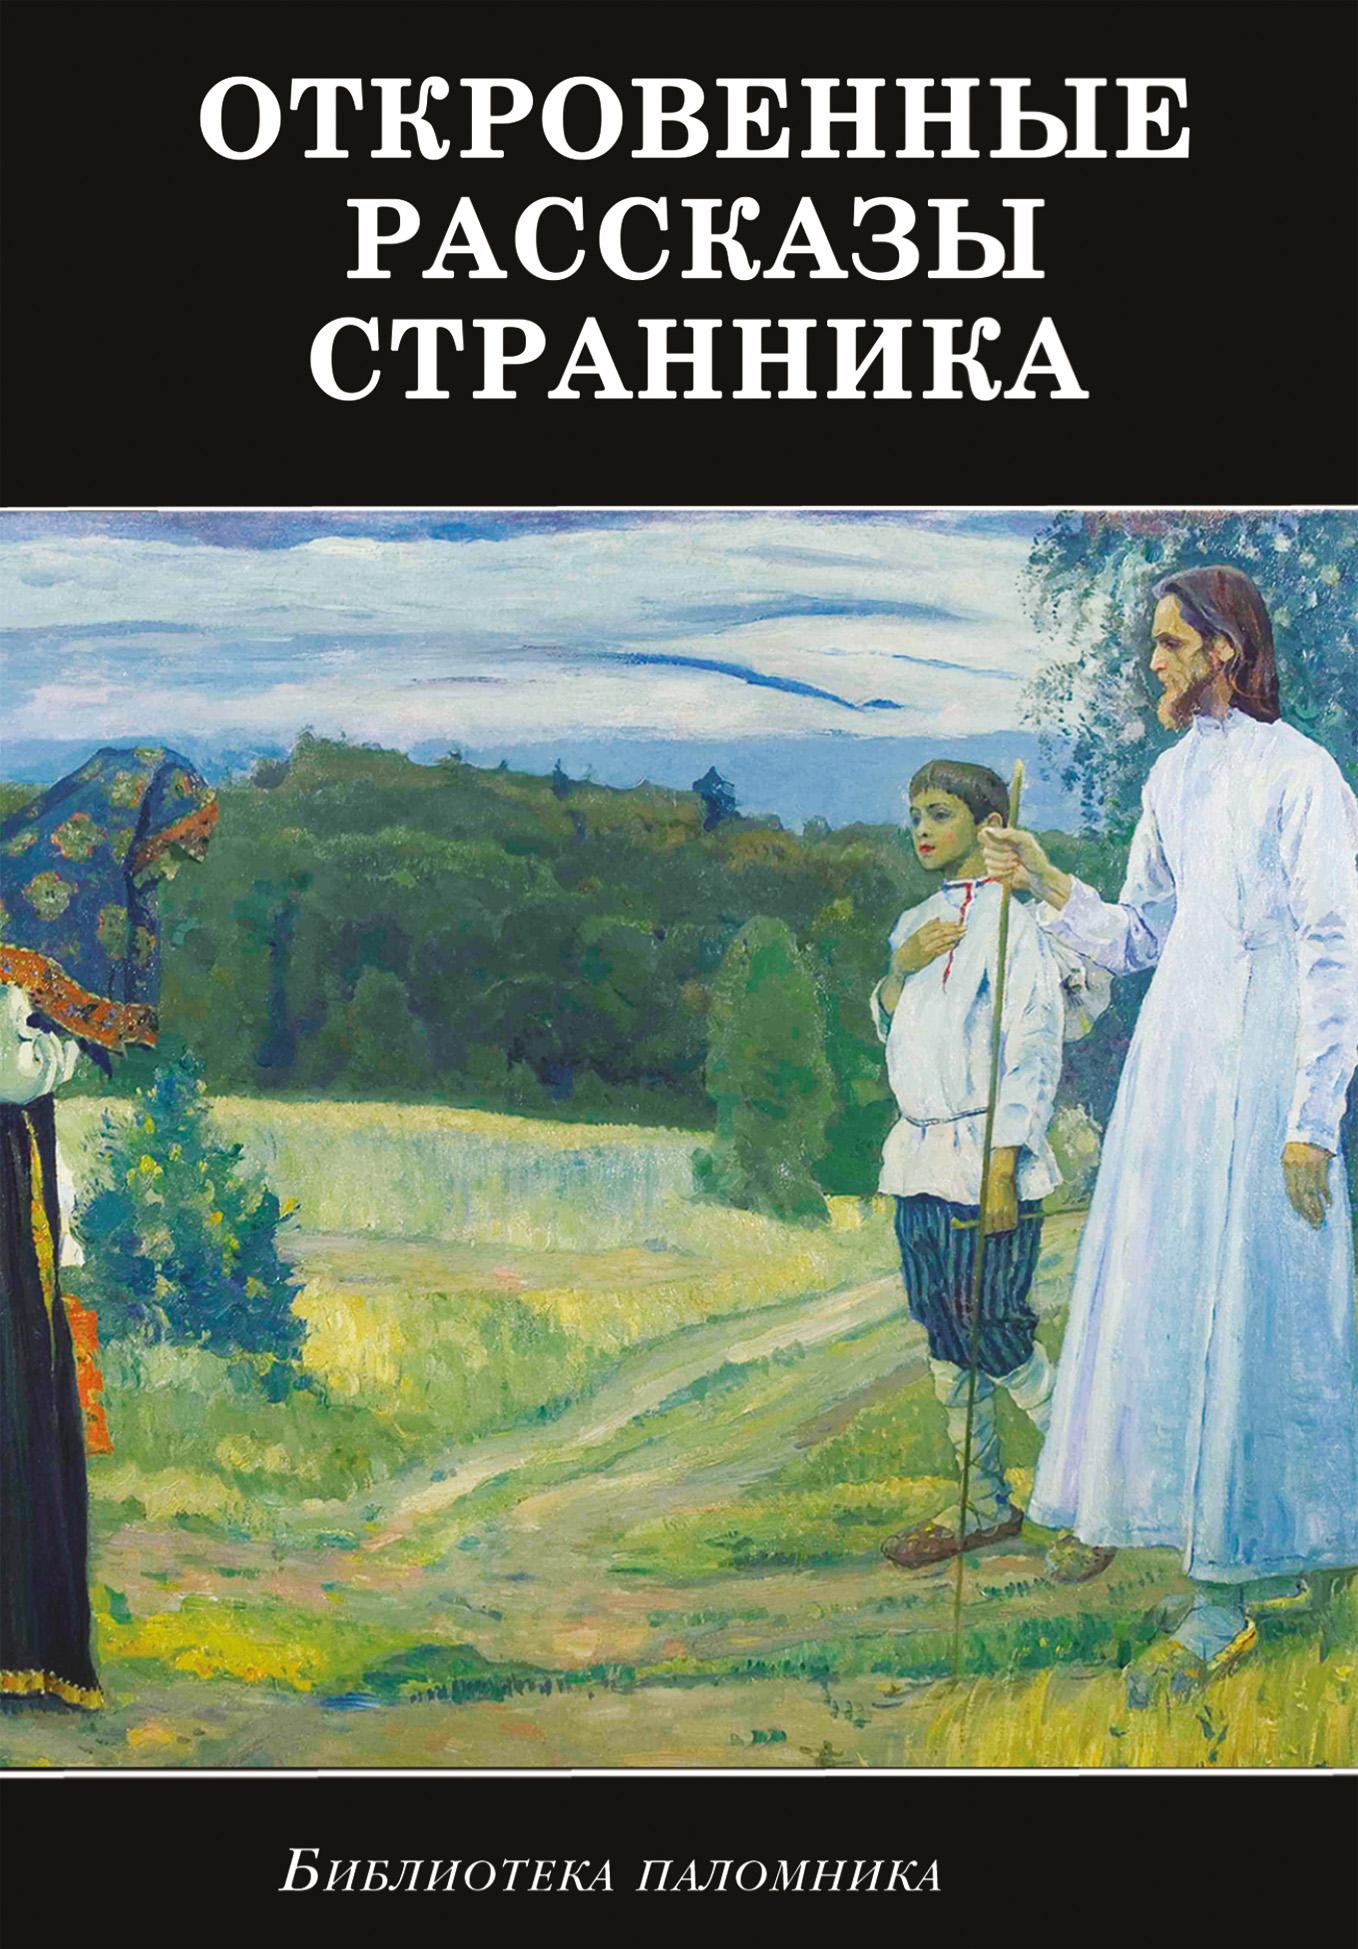 Откровенные рассказы странника духовному своему отцу